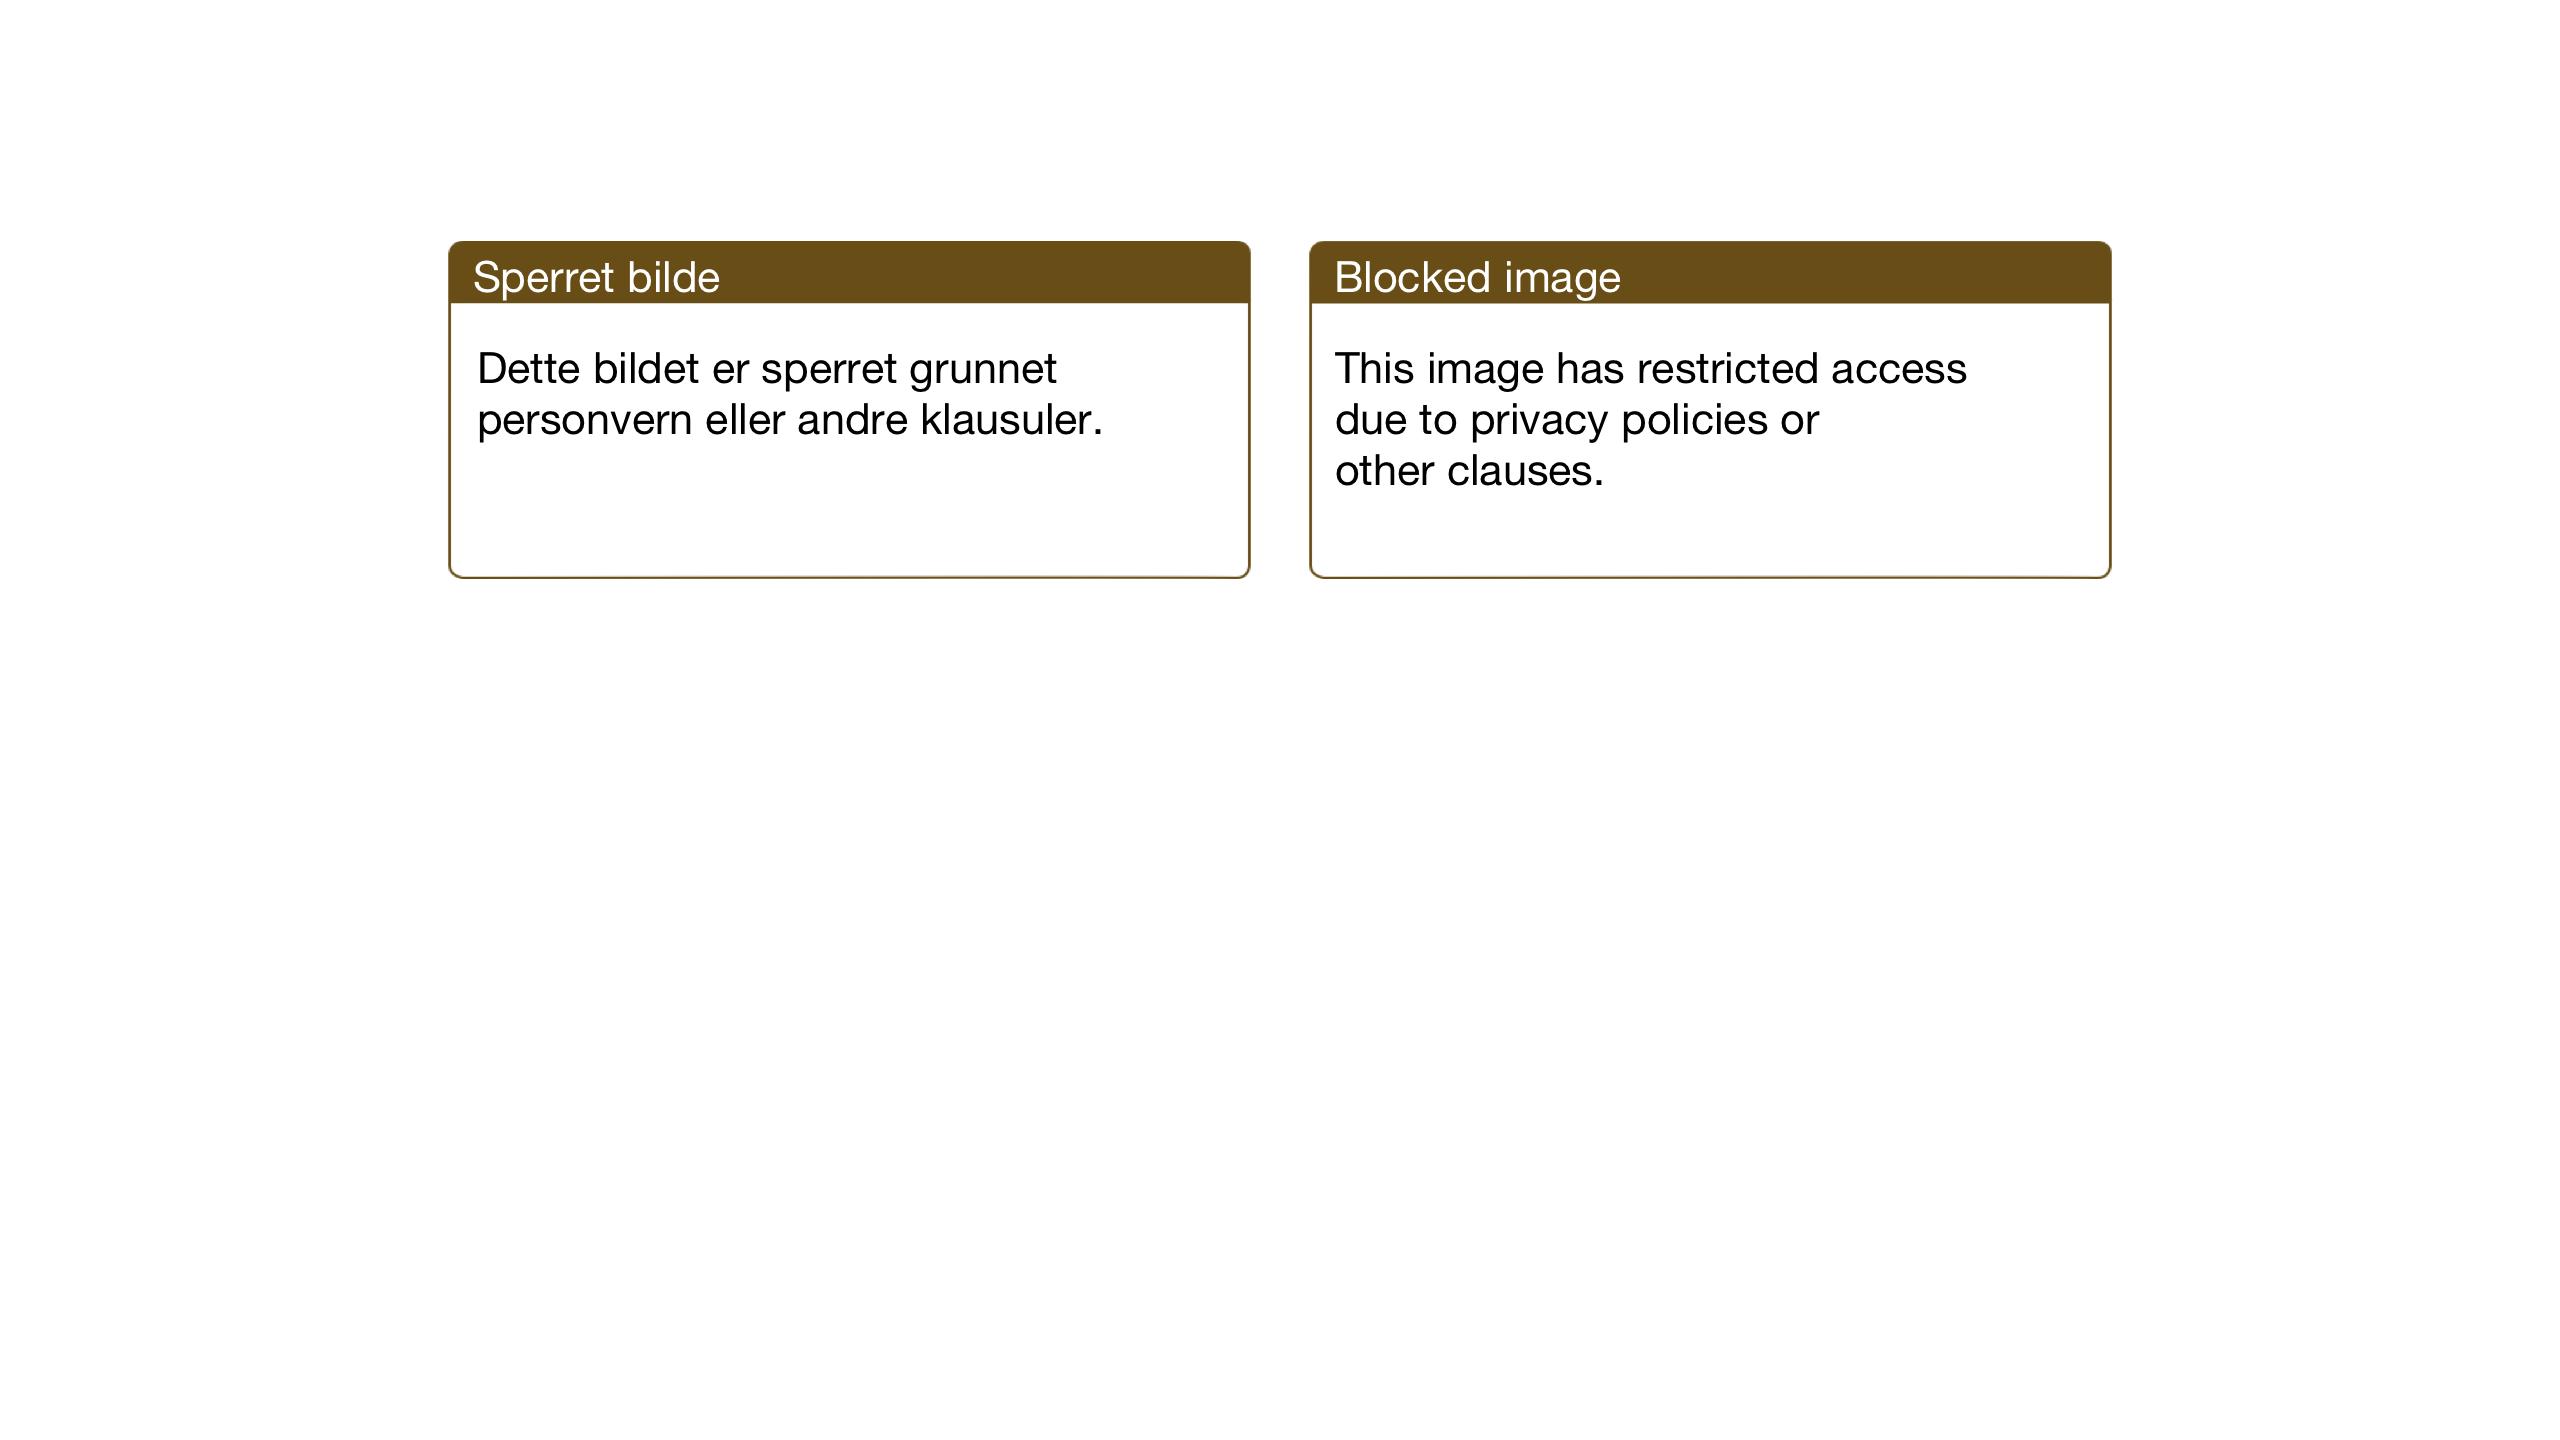 SAT, Ministerialprotokoller, klokkerbøker og fødselsregistre - Nord-Trøndelag, 786/L0689: Klokkerbok nr. 786C01, 1940-1948, s. 220-221